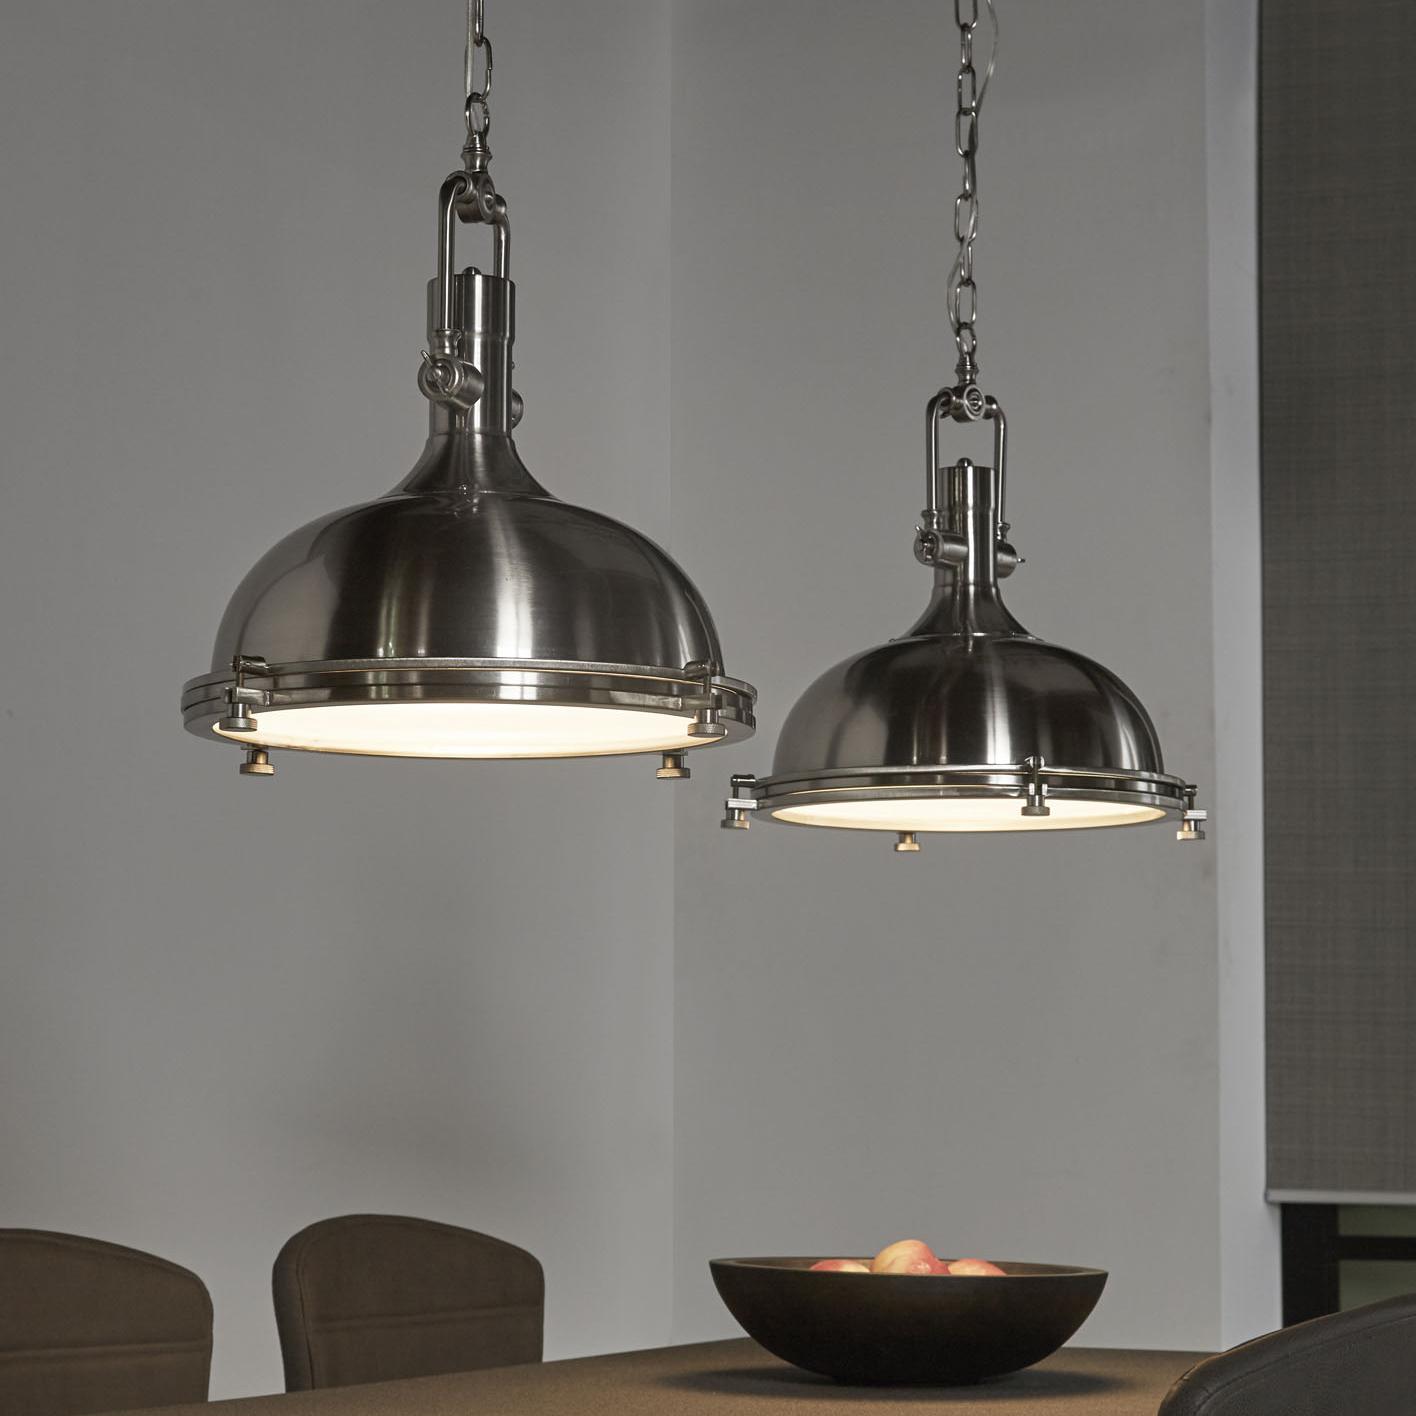 lifestylefurn verlichting hanglampen